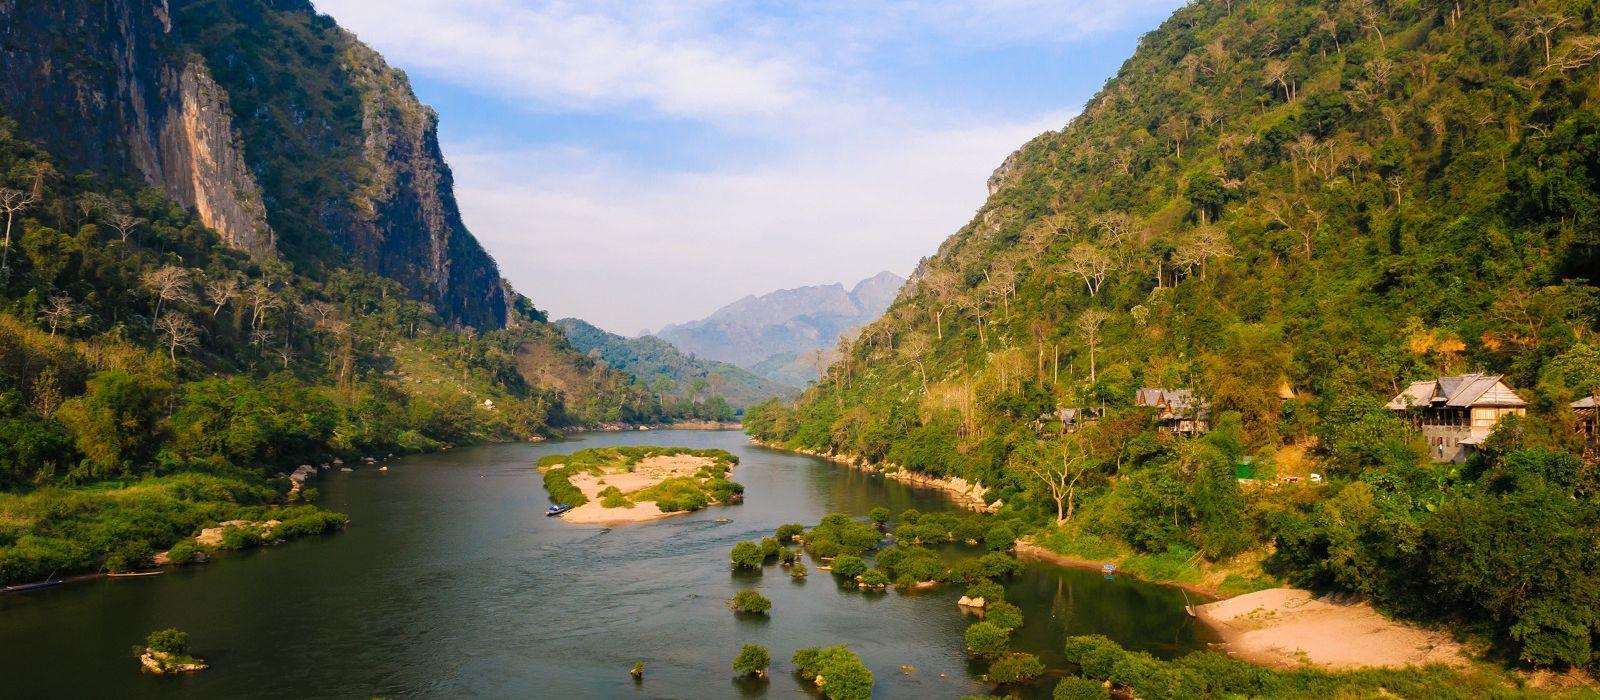 Verlieren Sie sich in der Schönheit von Laos Urlaub 5